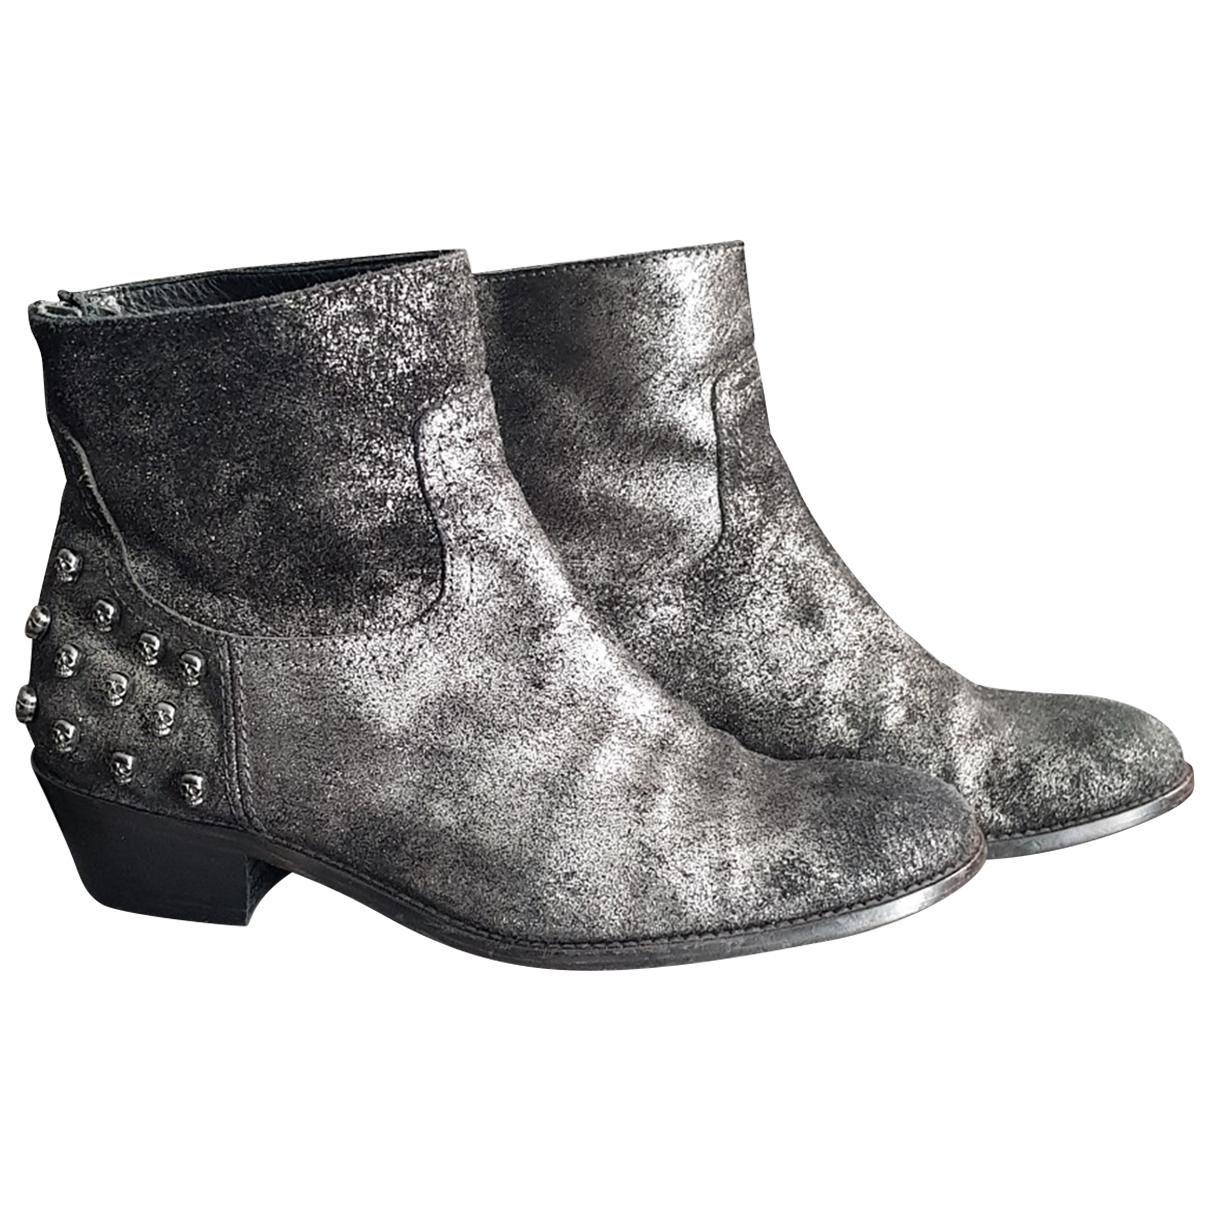 Zadig & Voltaire - Boots Teddy pour femme en cuir - gris